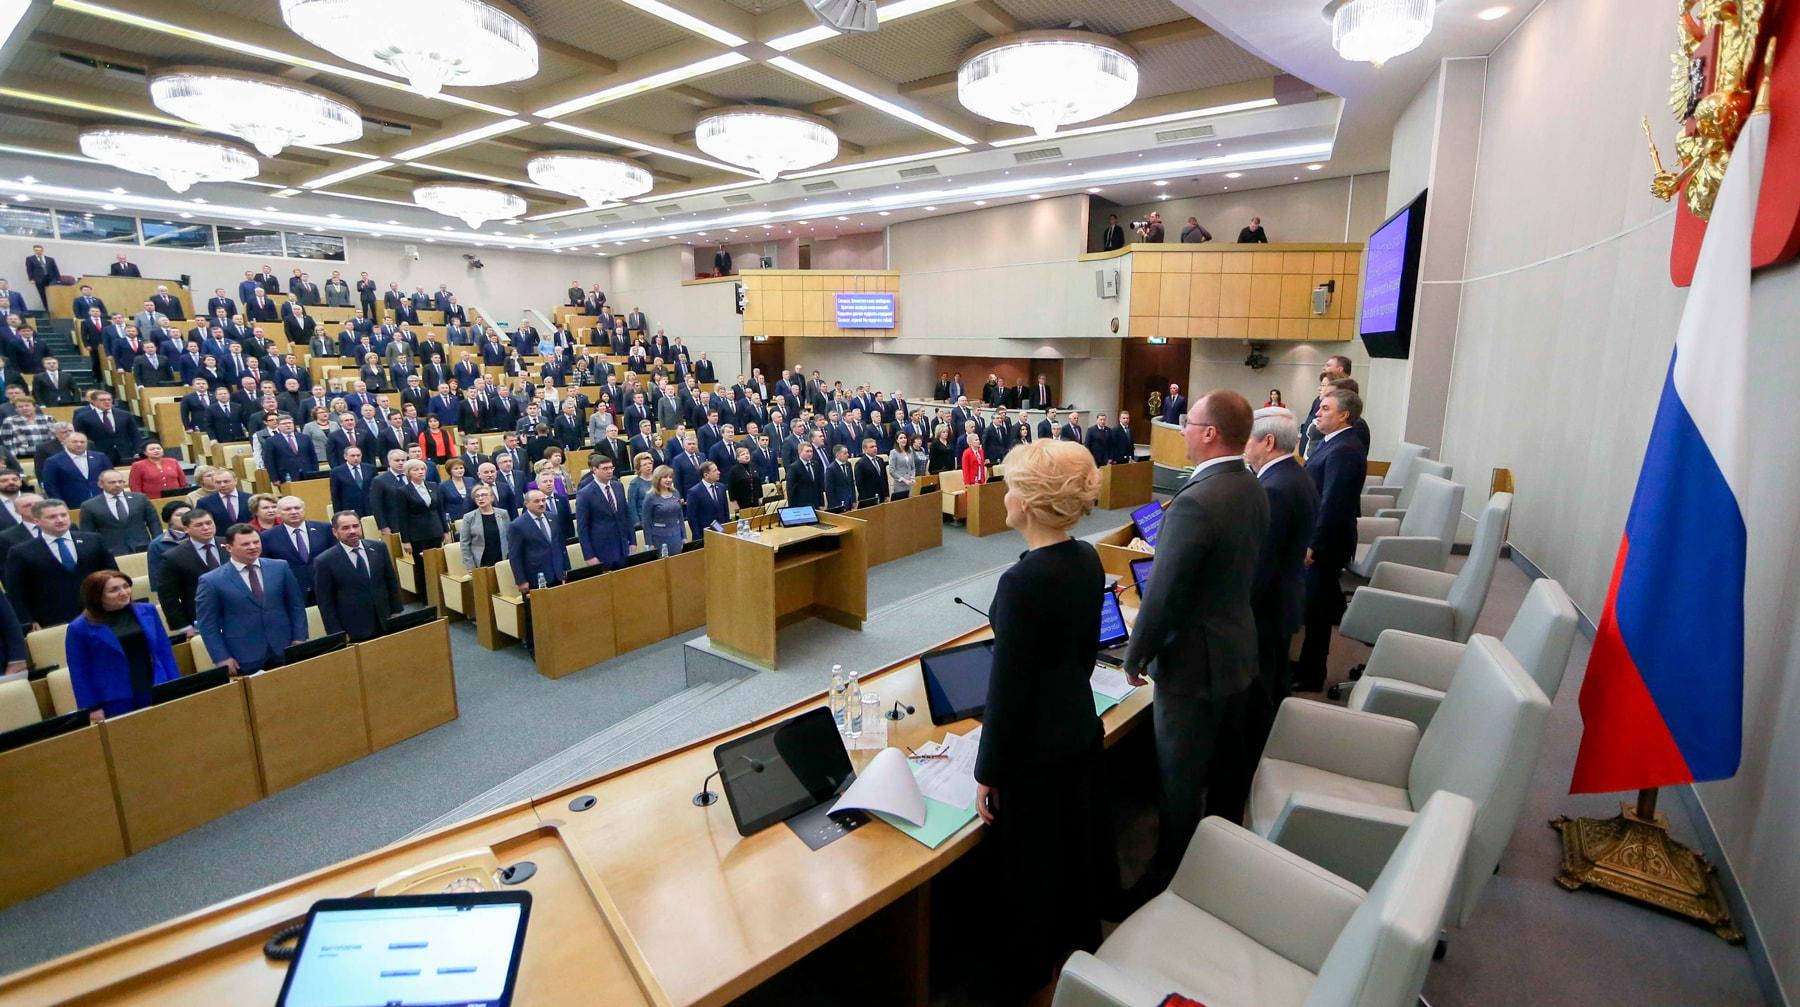 Продление амнистии капиталов до февраля 2019 года